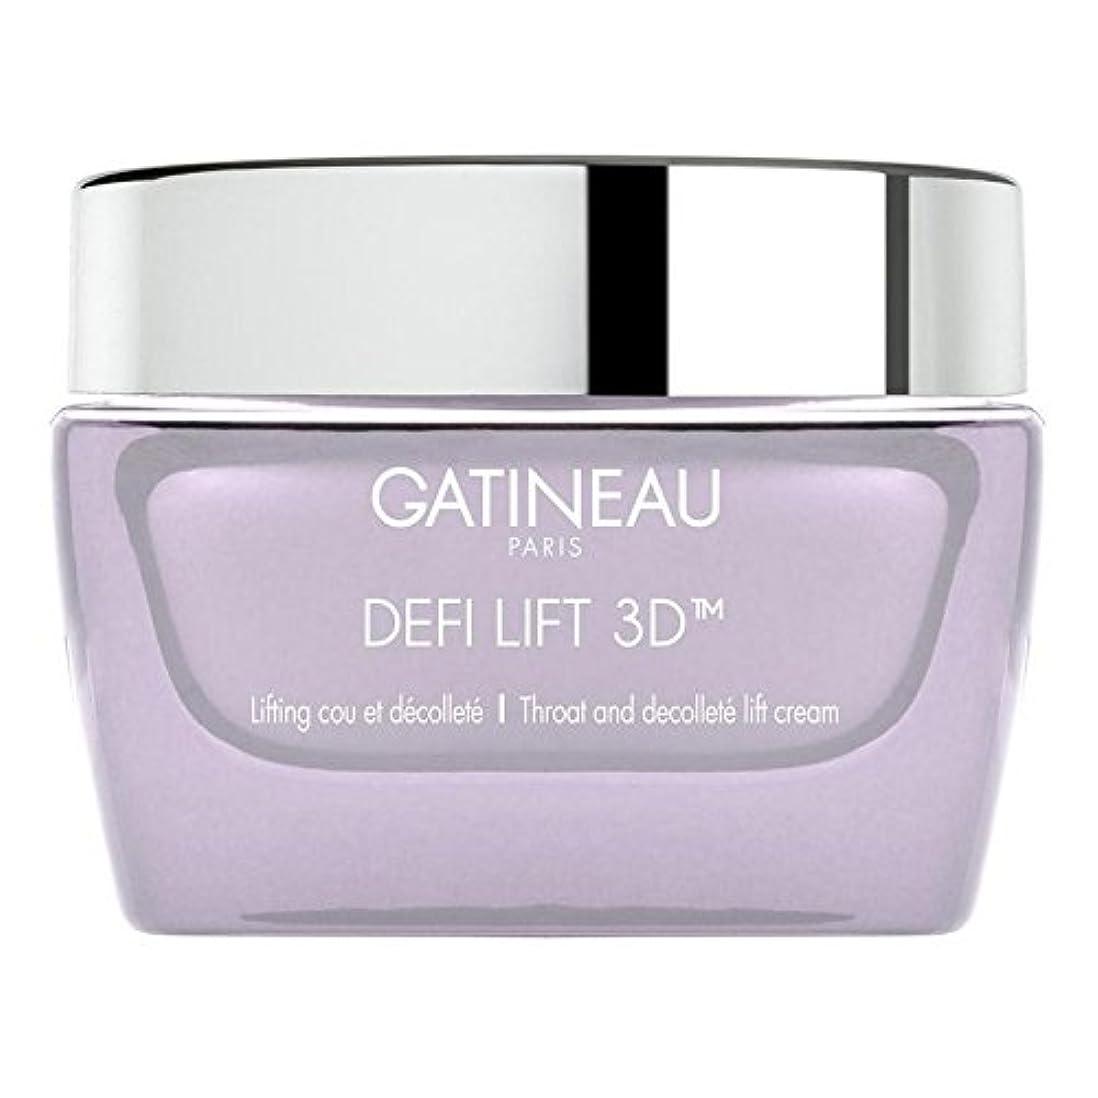 枕チャンピオン報告書ガティノー 3喉とリフトクリーム50 x4 - Gatineau DefiLIFT 3D Throat and Decollette Lift Cream 50ml (Pack of 4) [並行輸入品]